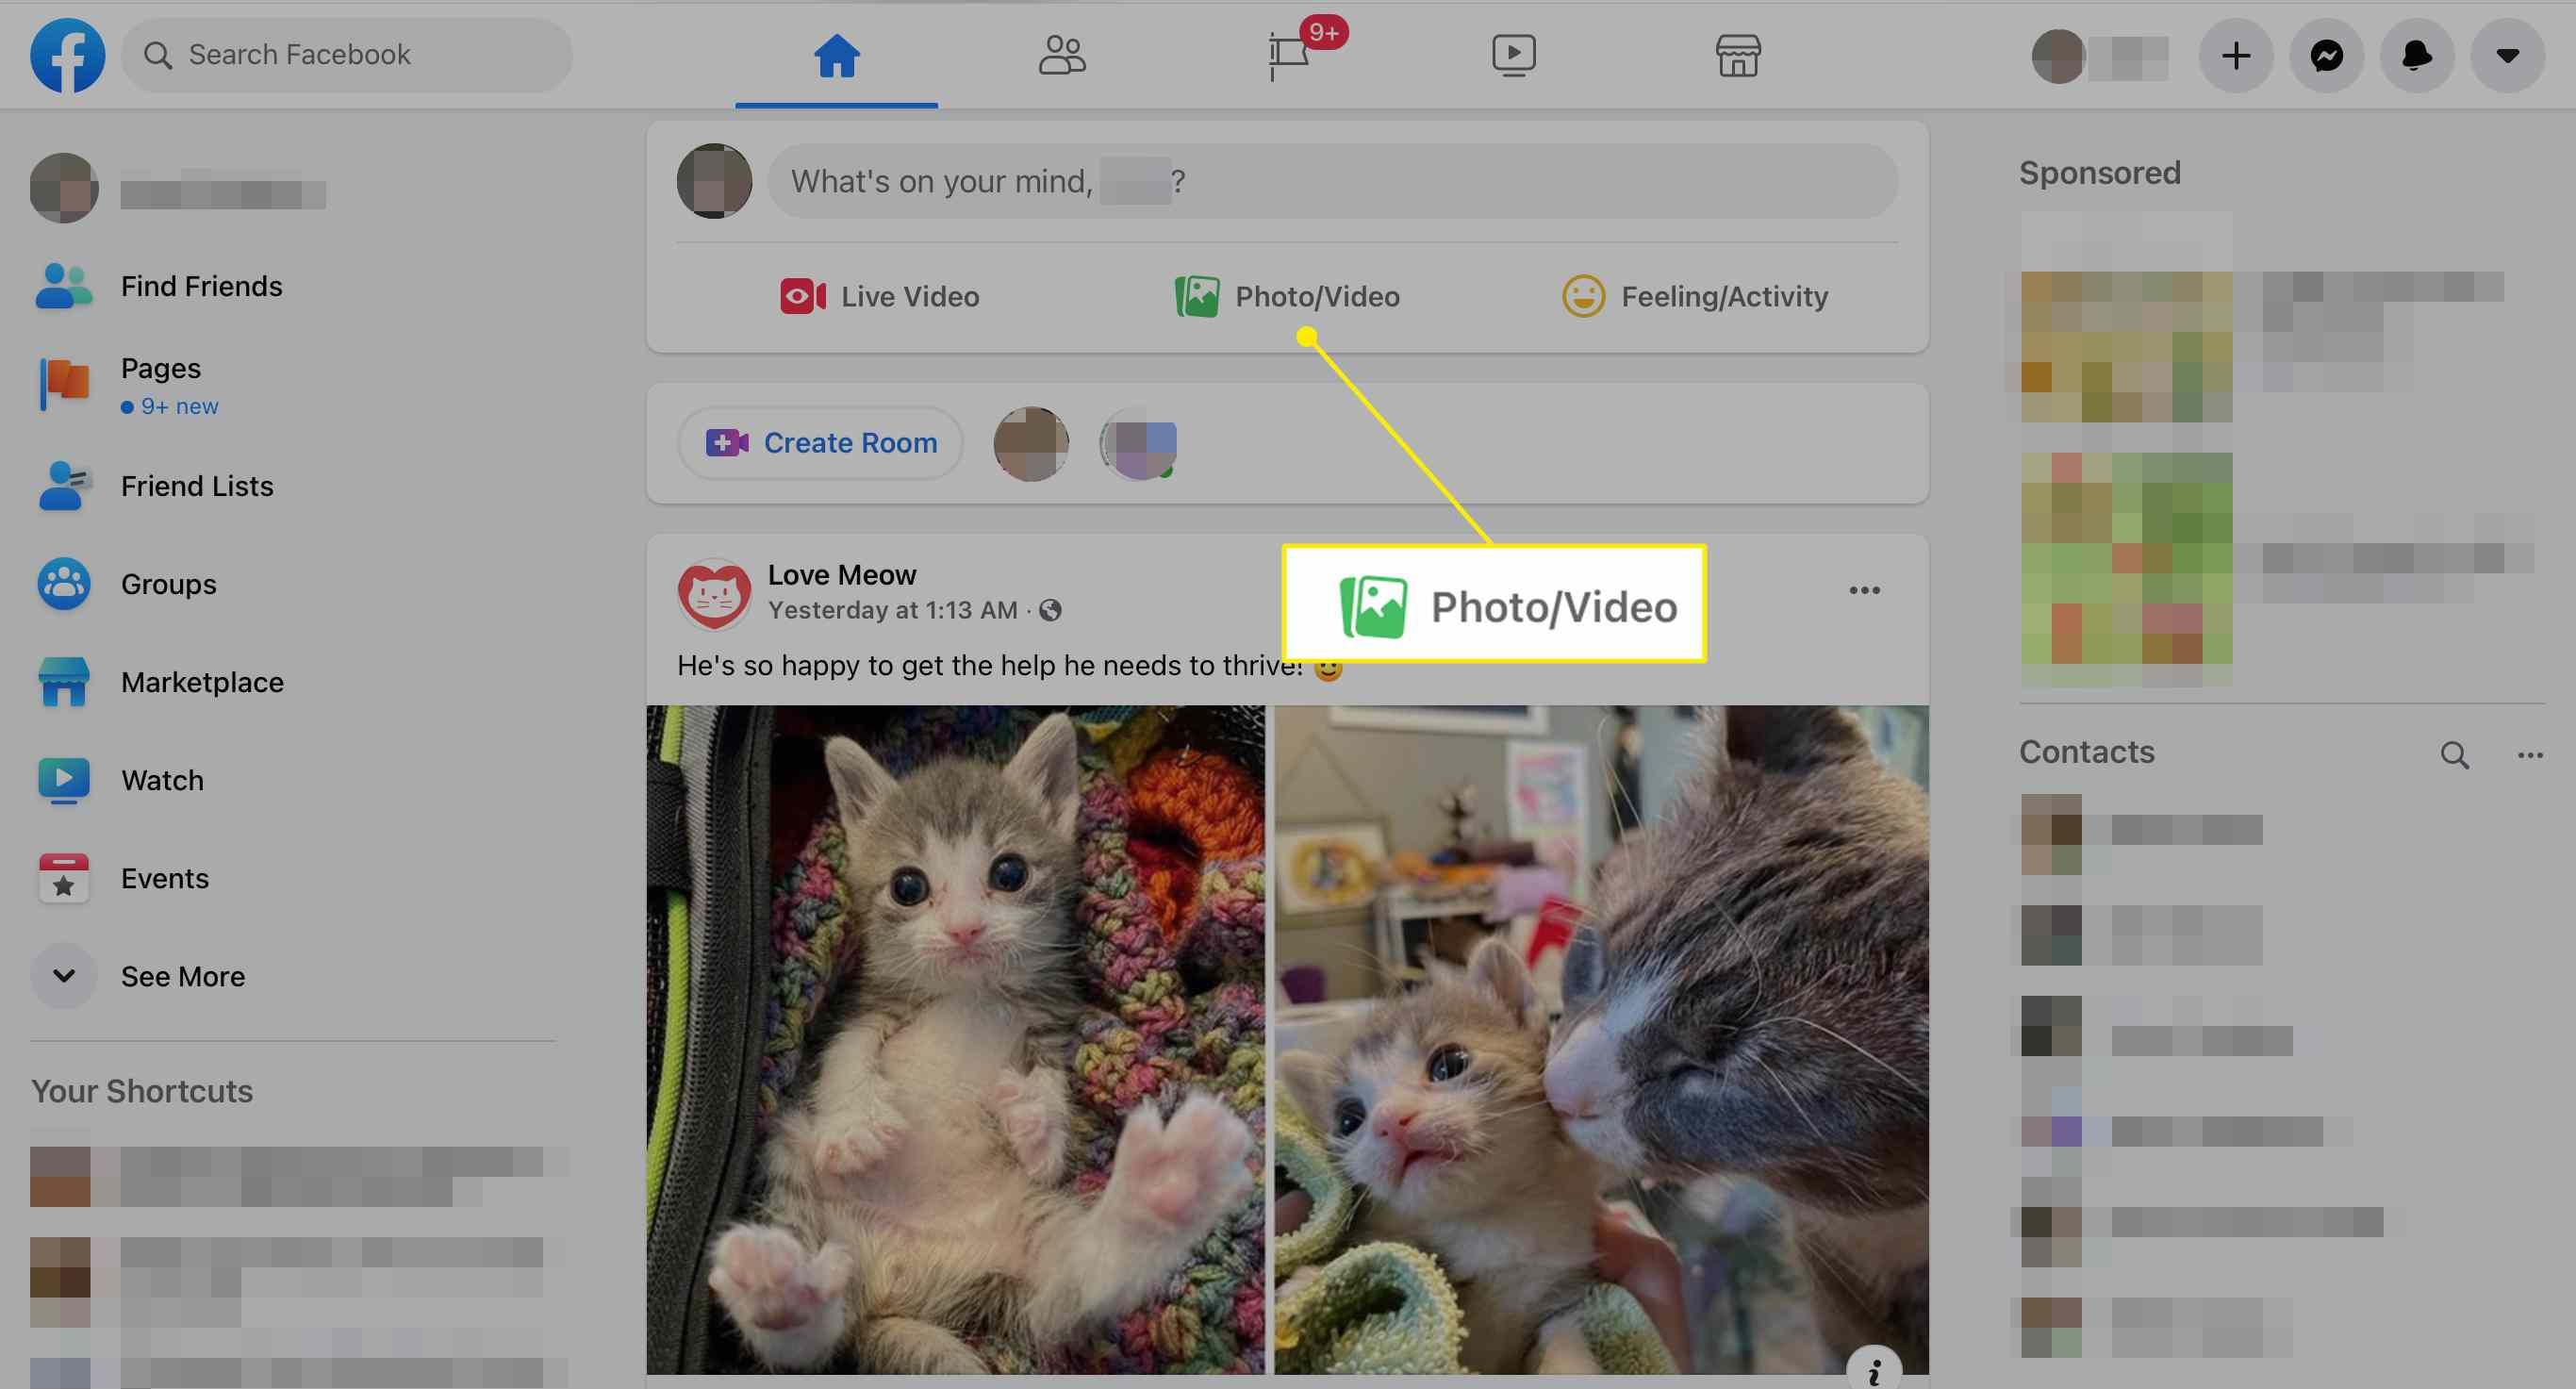 Photo/Video button on Facebook via Safari on iPad